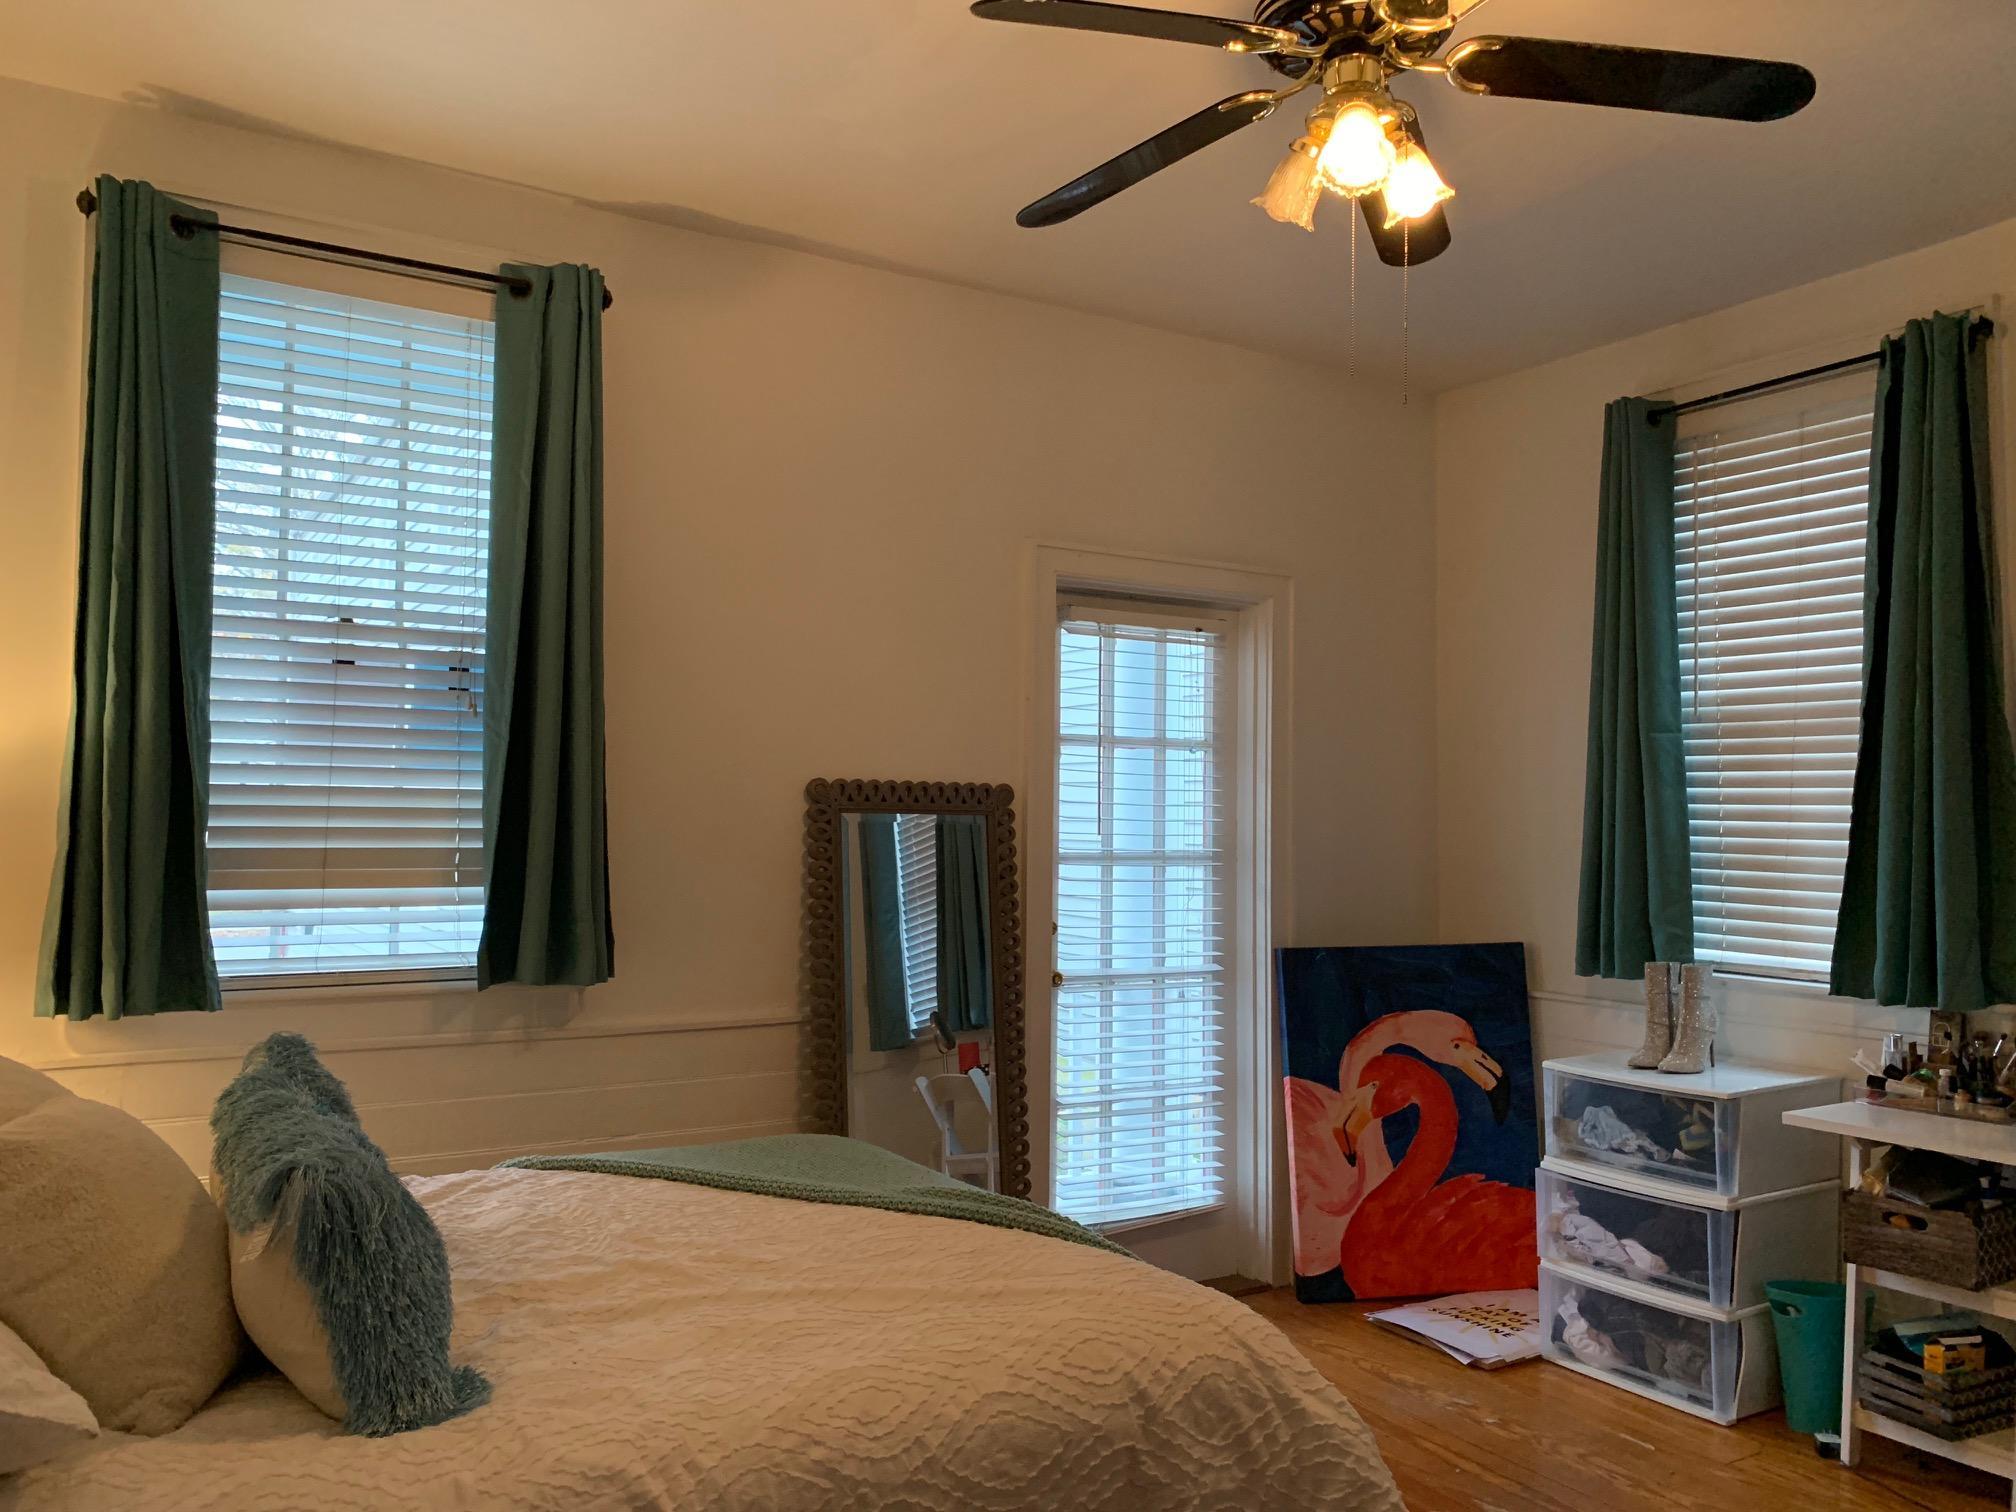 163.5 A Coming Street  bedroom 2 c